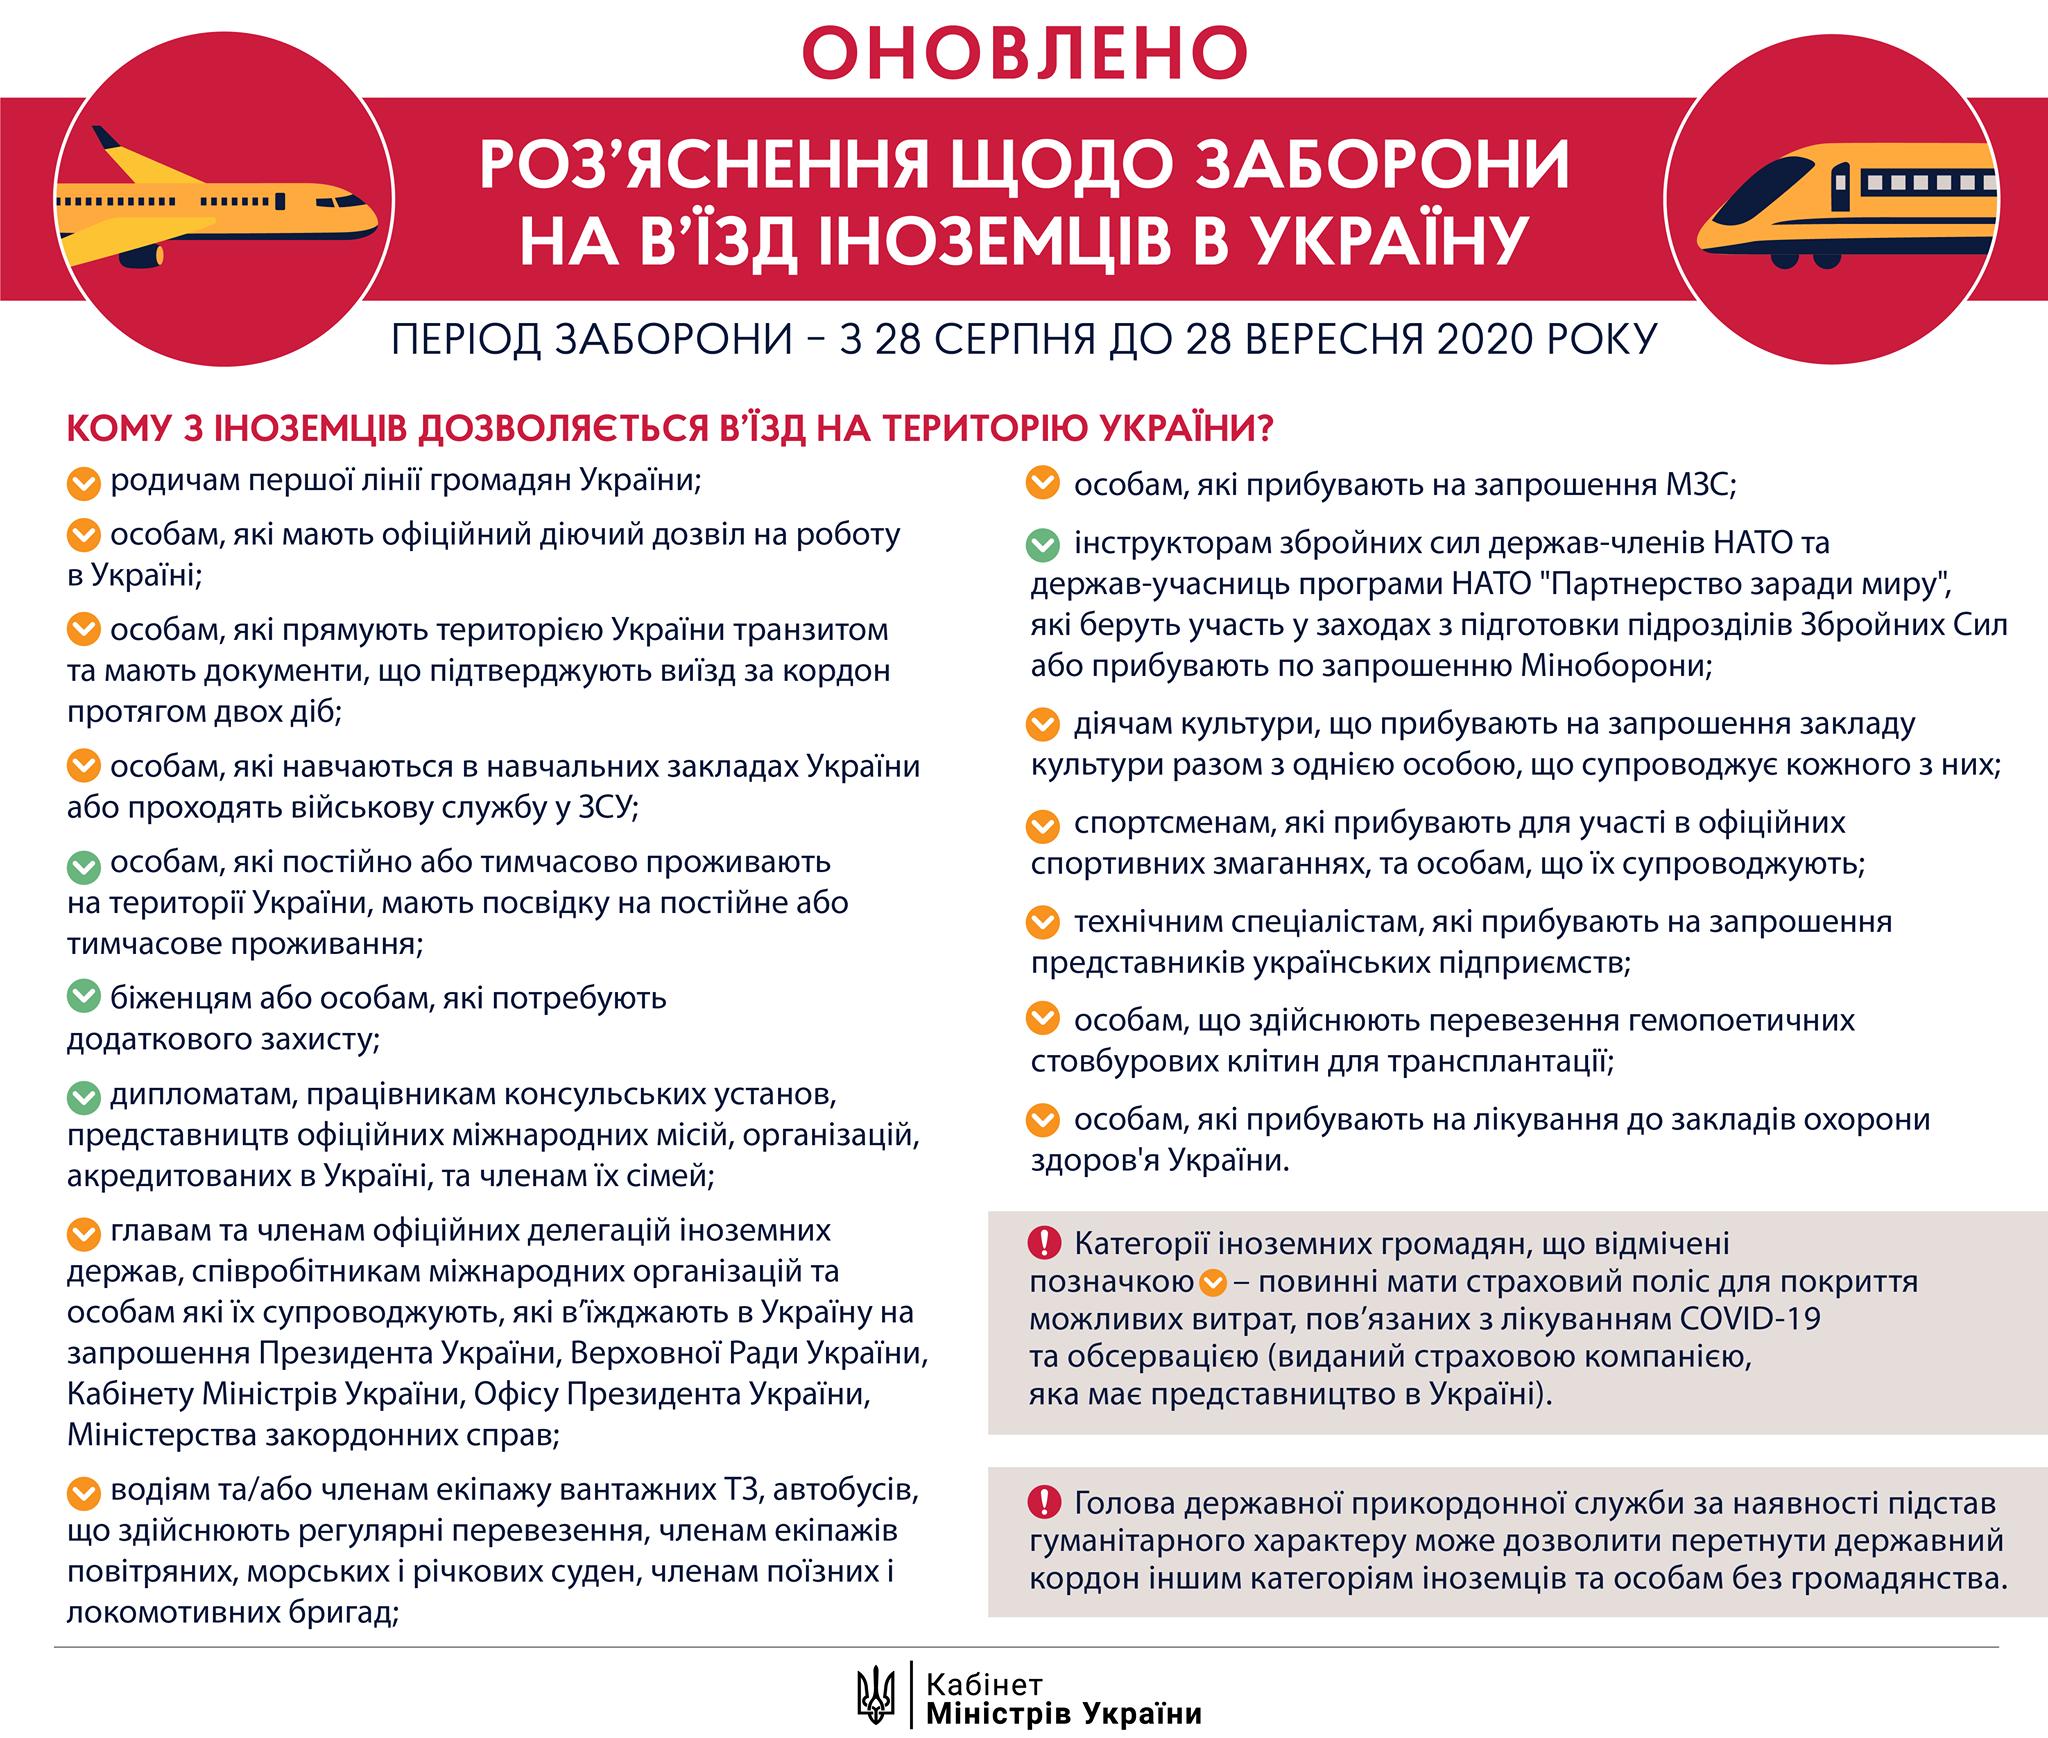 заборона на в'їзд іноземців до України інфографіка